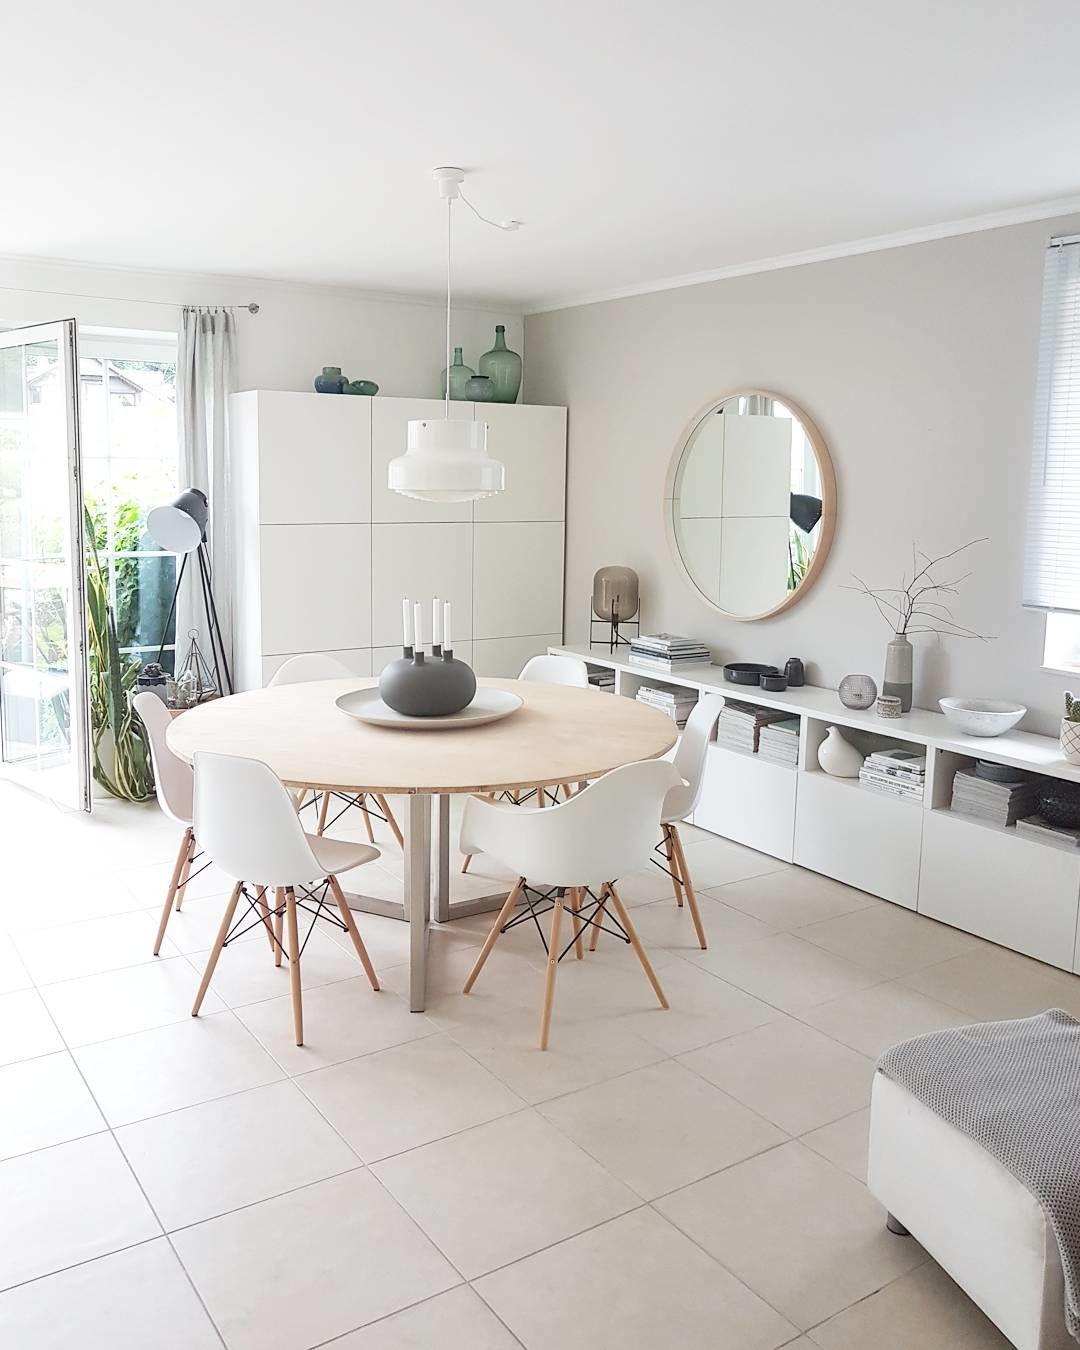 Die Schonsten Ideen Mit Dem Ikea Besta System Wohn Esszimmer Wohnen Ikea Ideen